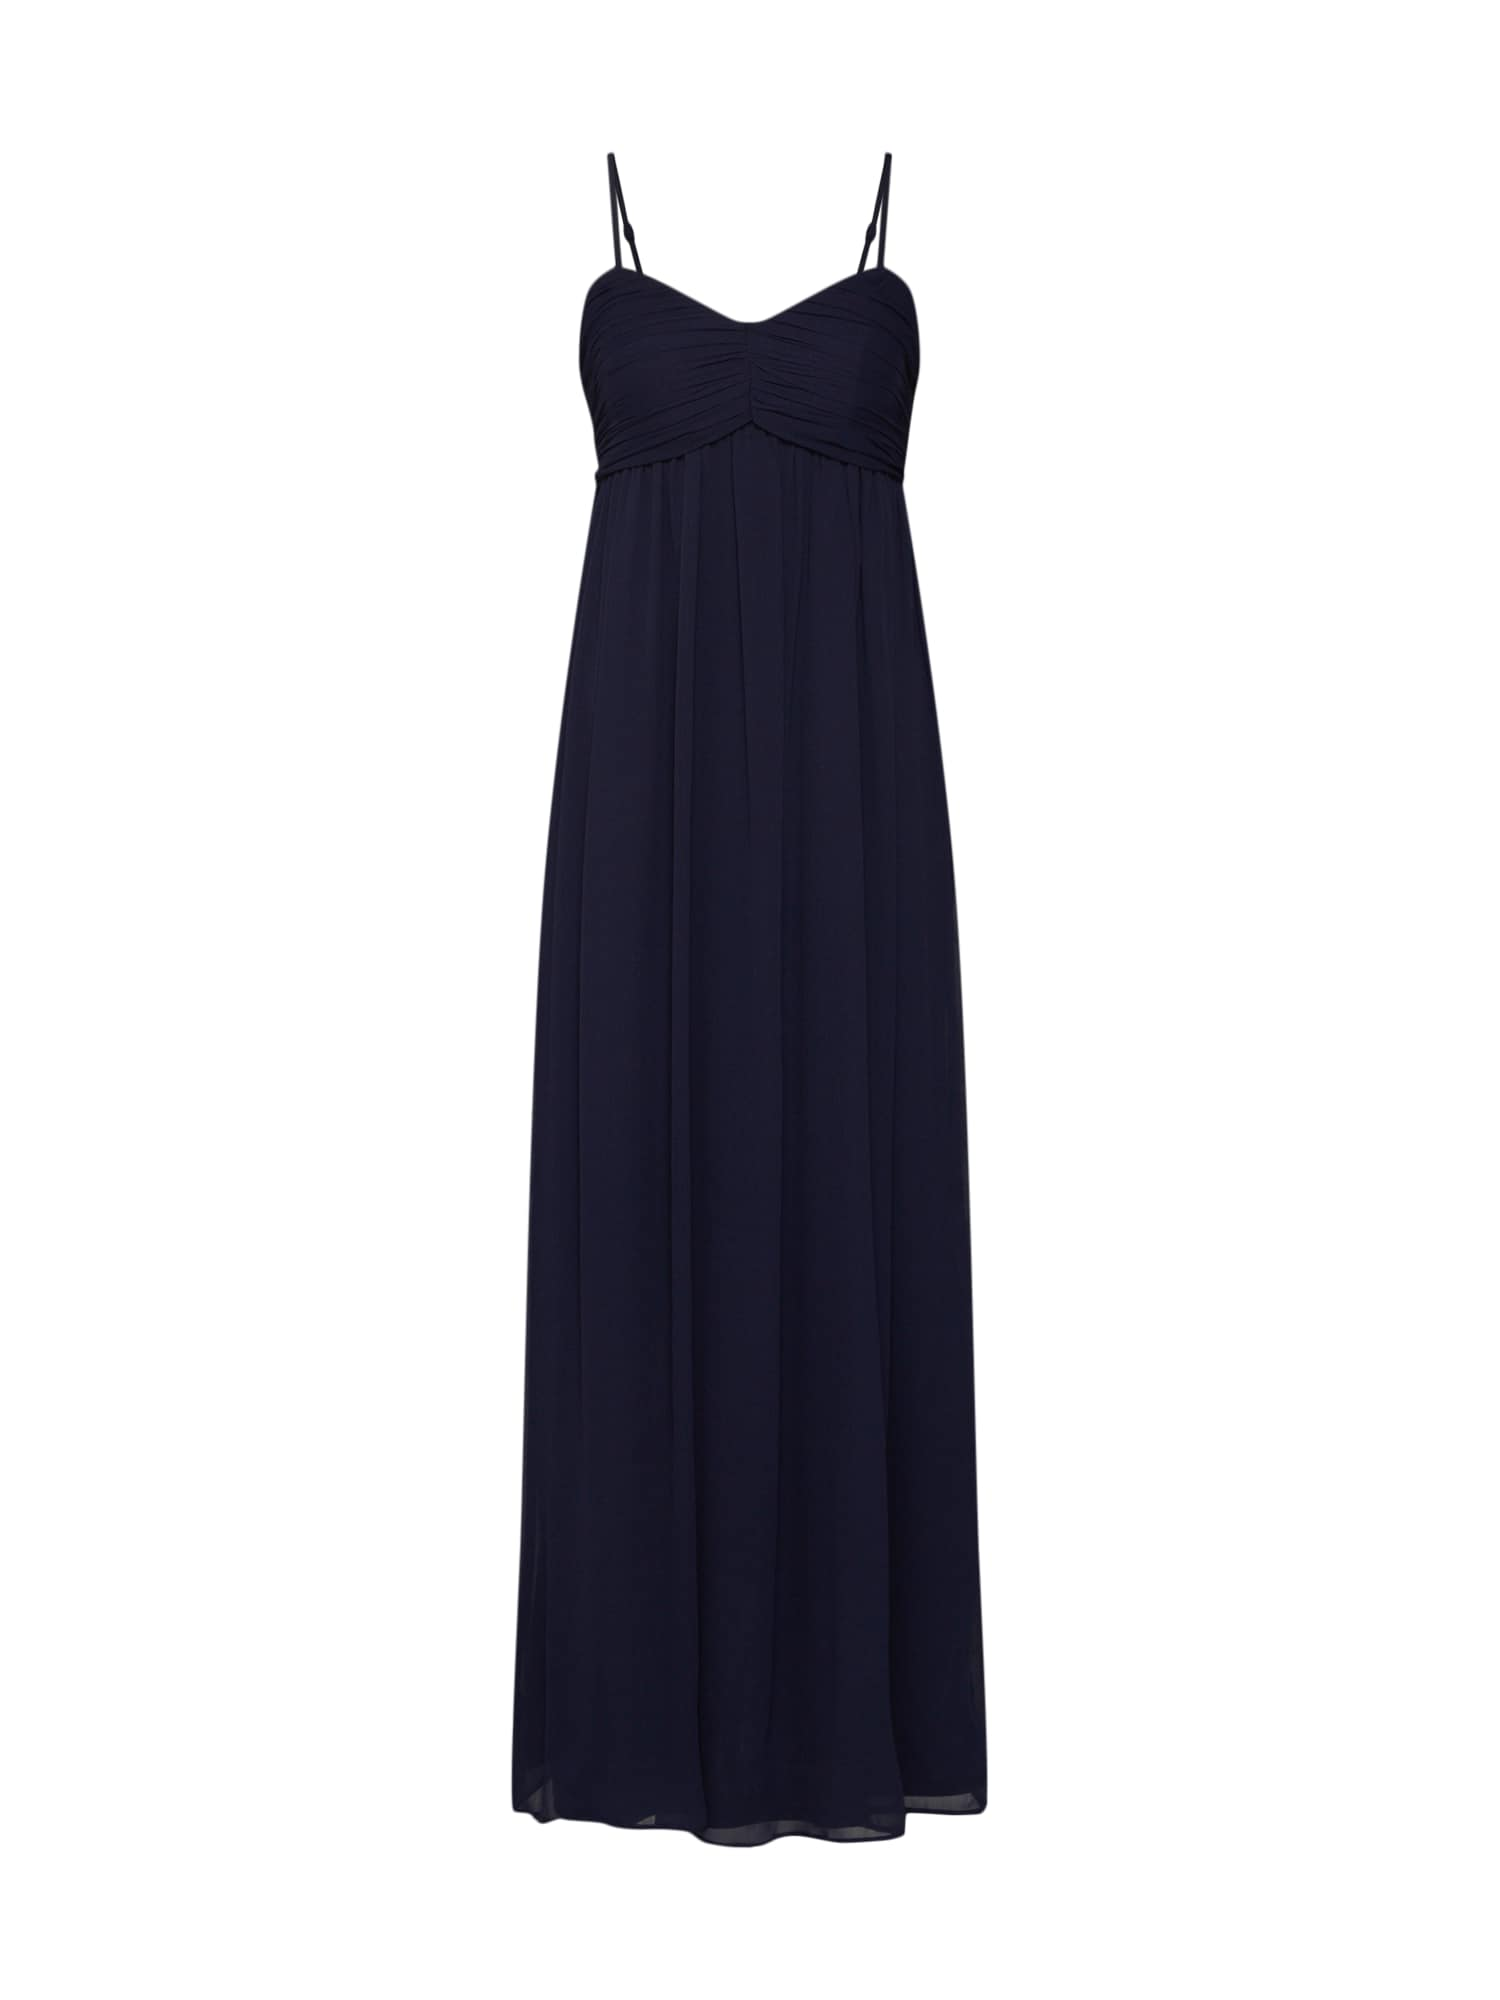 Společenské šaty Giselle modrá ABOUT YOU